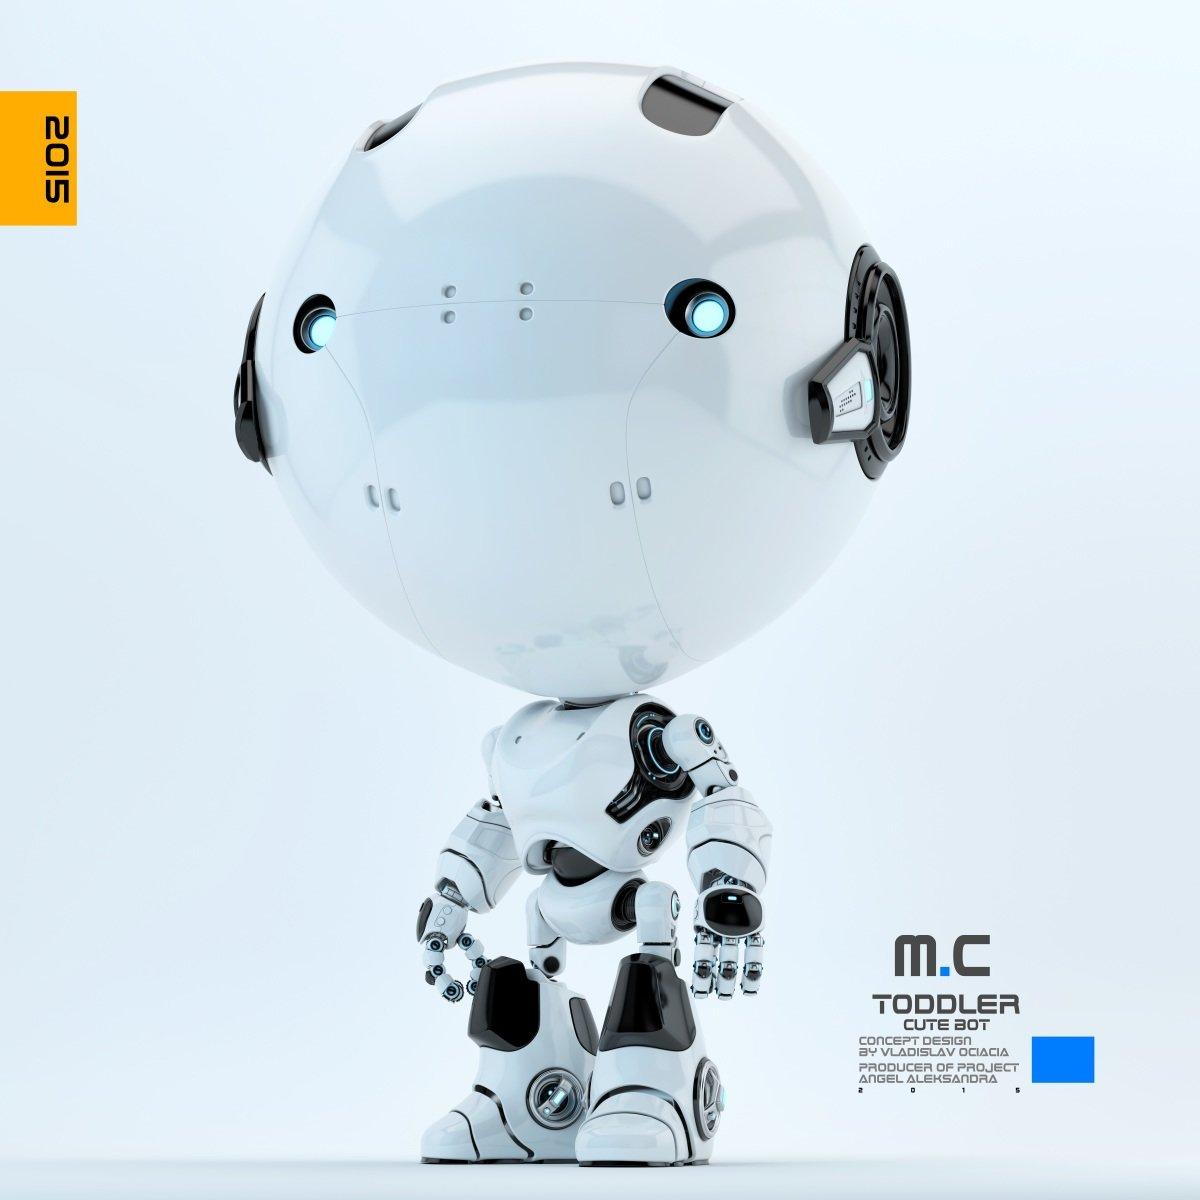 Vladislav ociacia toddler robot 3